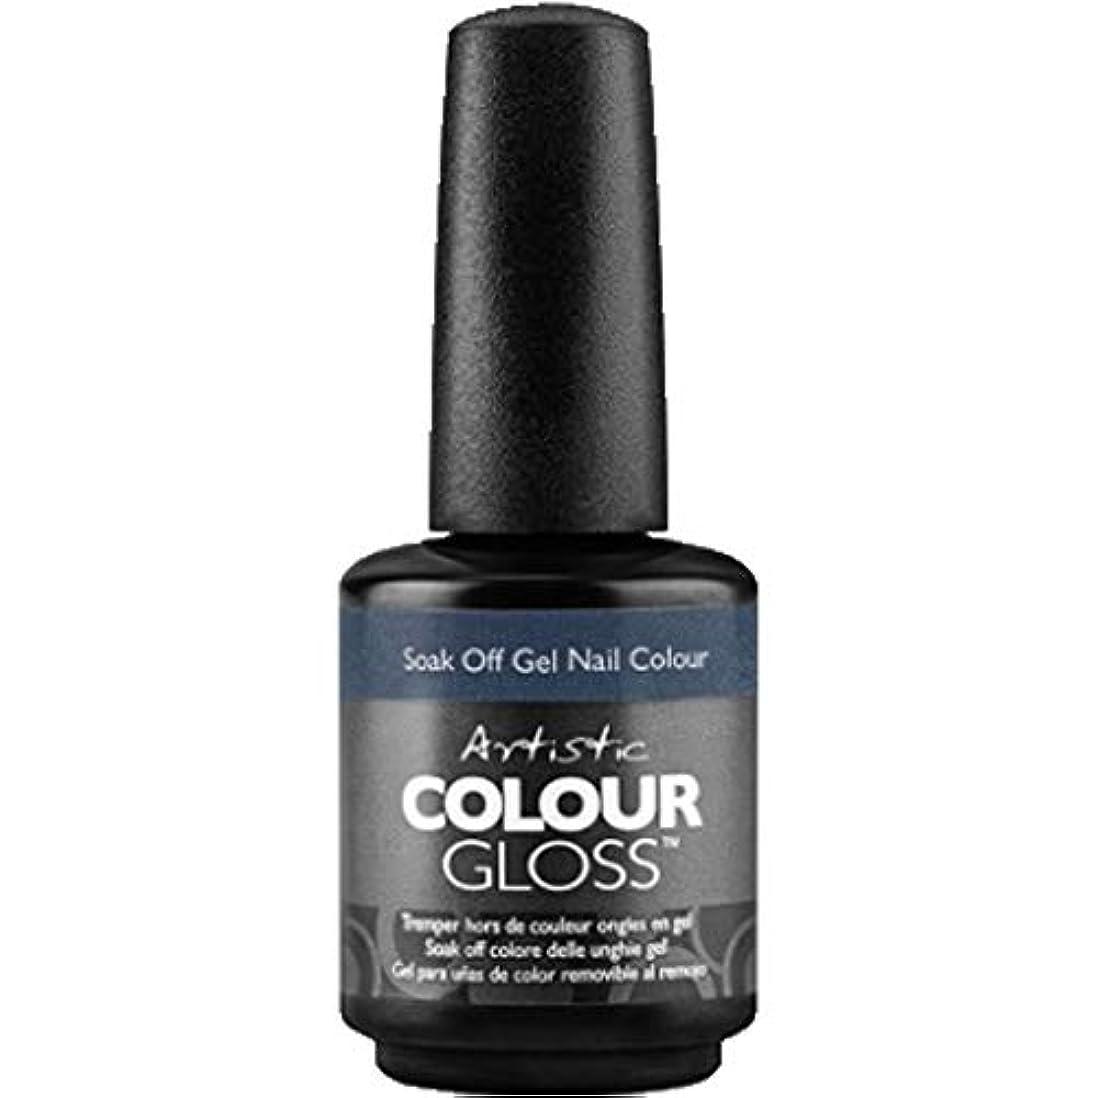 戸口スクラッチ拍手Artistic Colour Gloss - No Taming My Twinkle - 0.5oz / 15ml